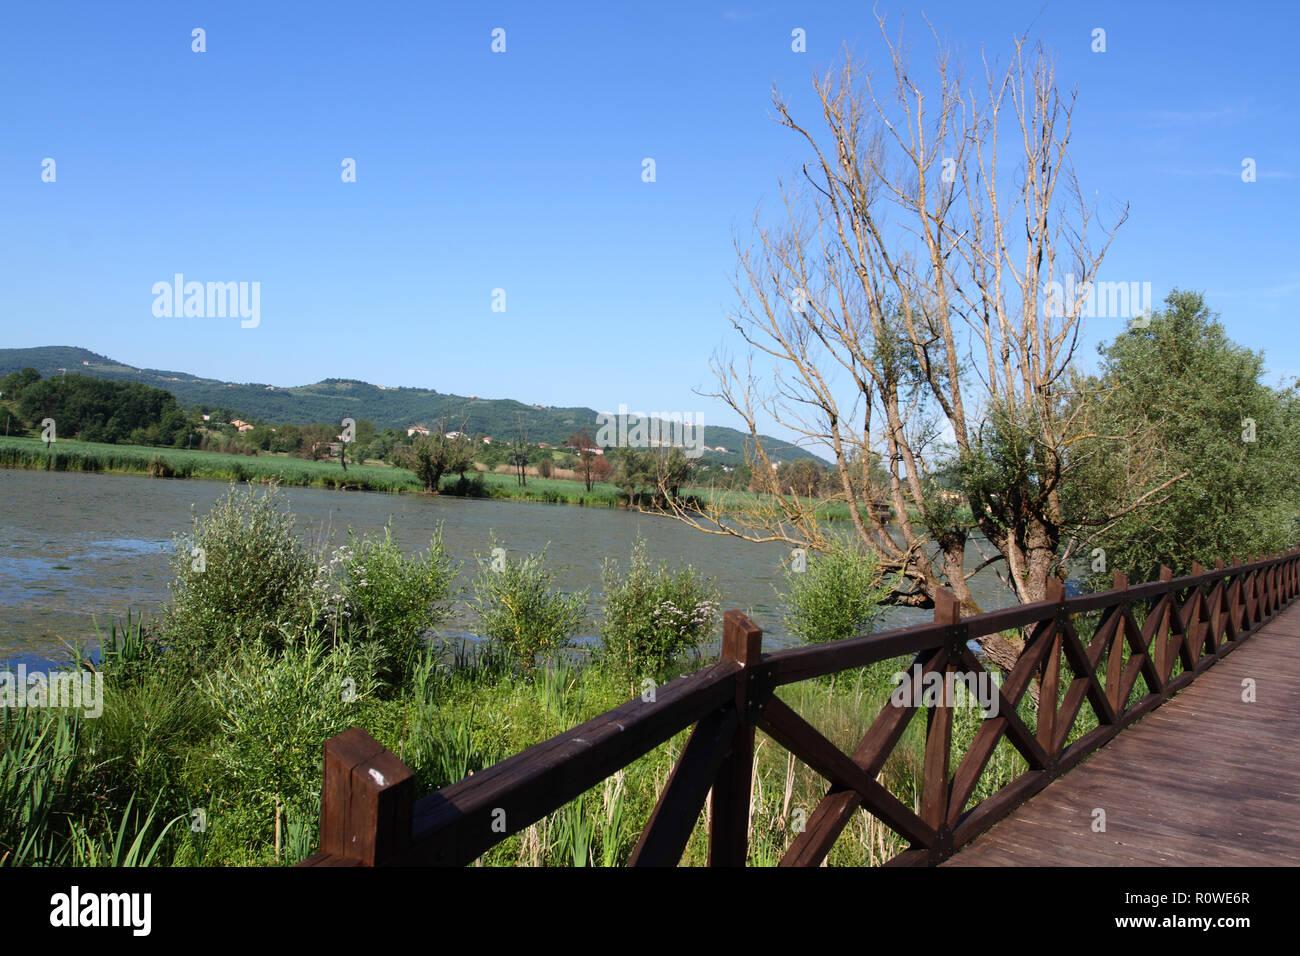 Posta Fibreno Lake - Frosinone - Lazio - Italy - Stock Image